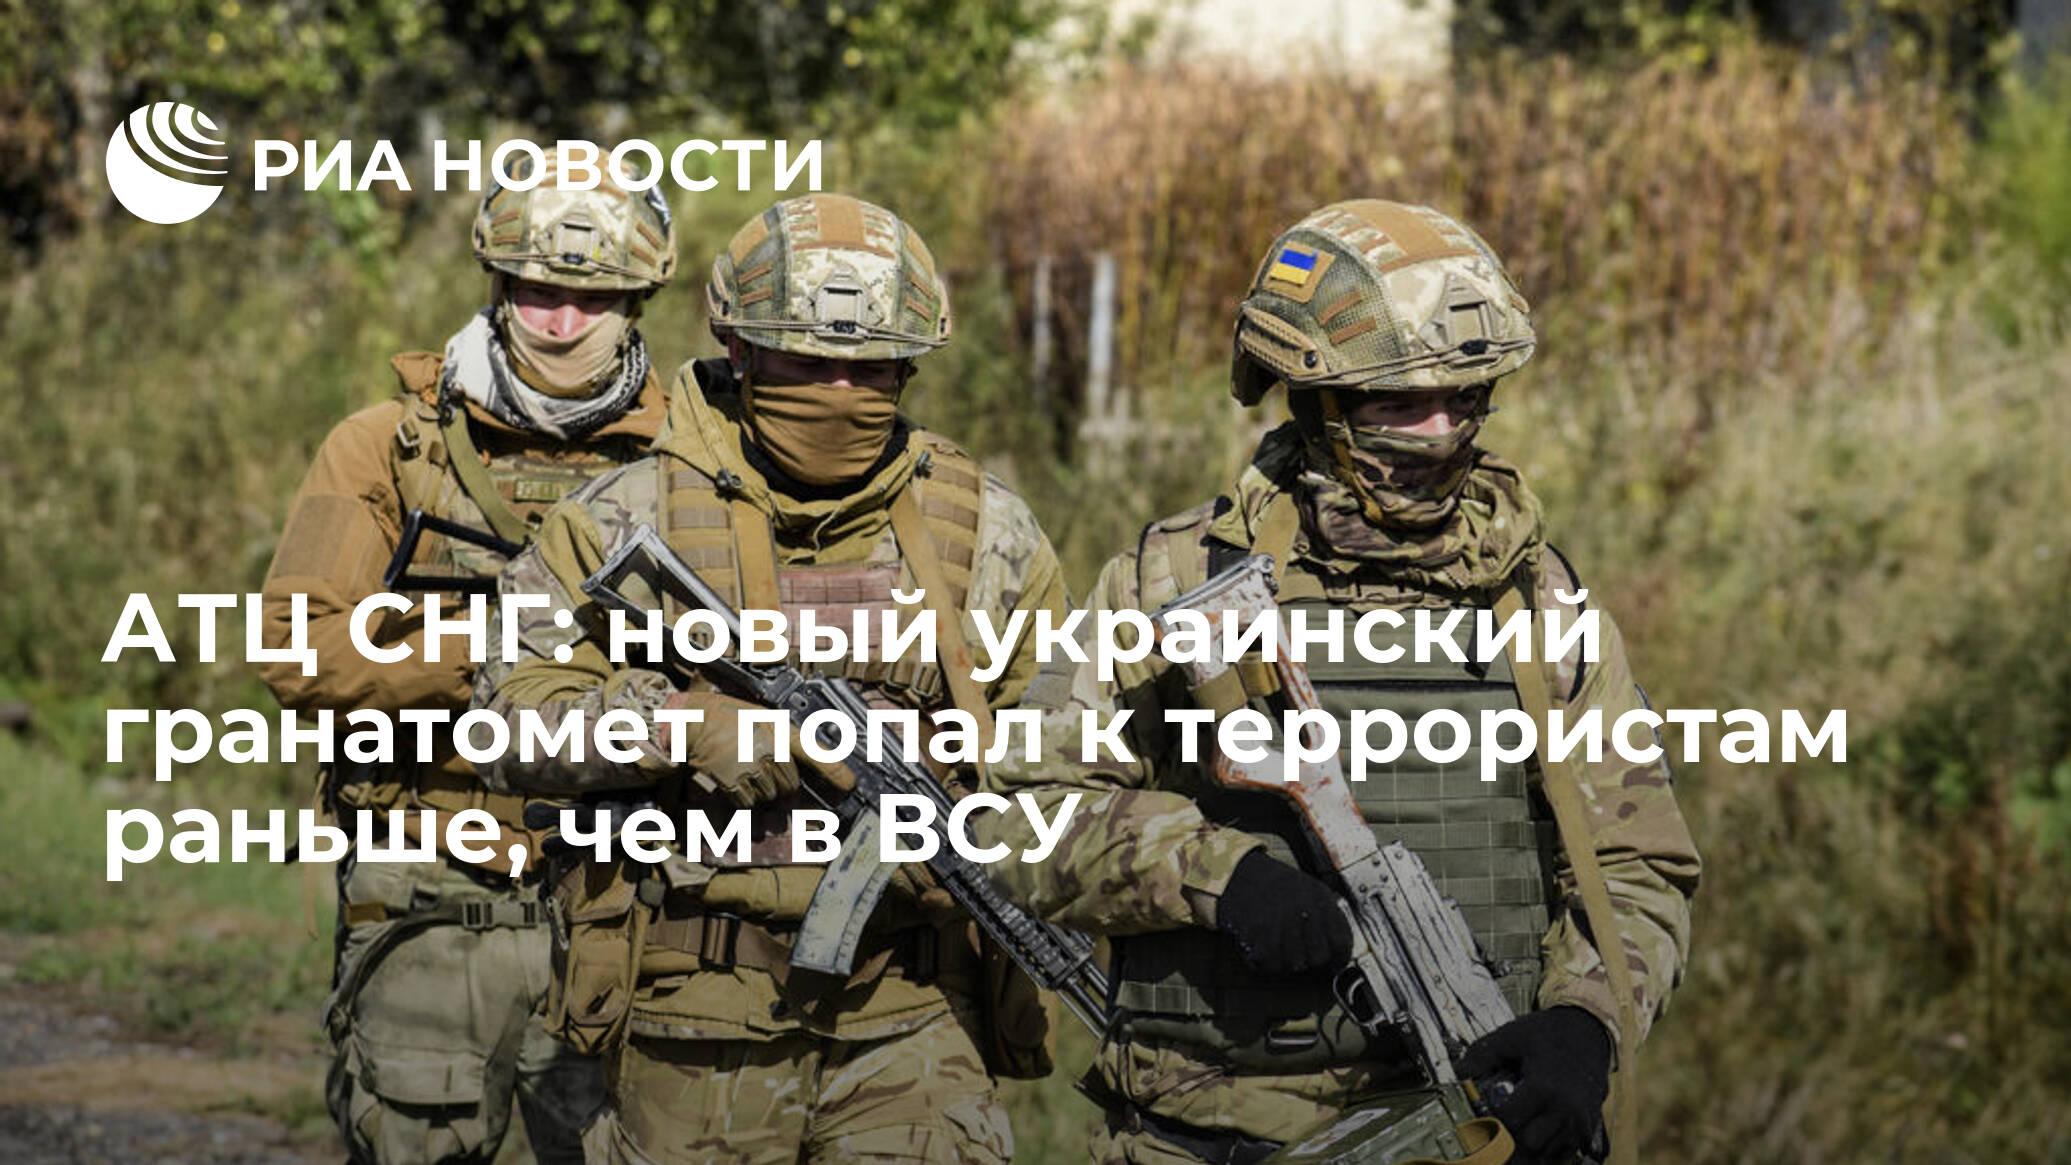 АТЦ СНГ: новый украинский гранатомет попал к террористам раньше, чем в ВСУ